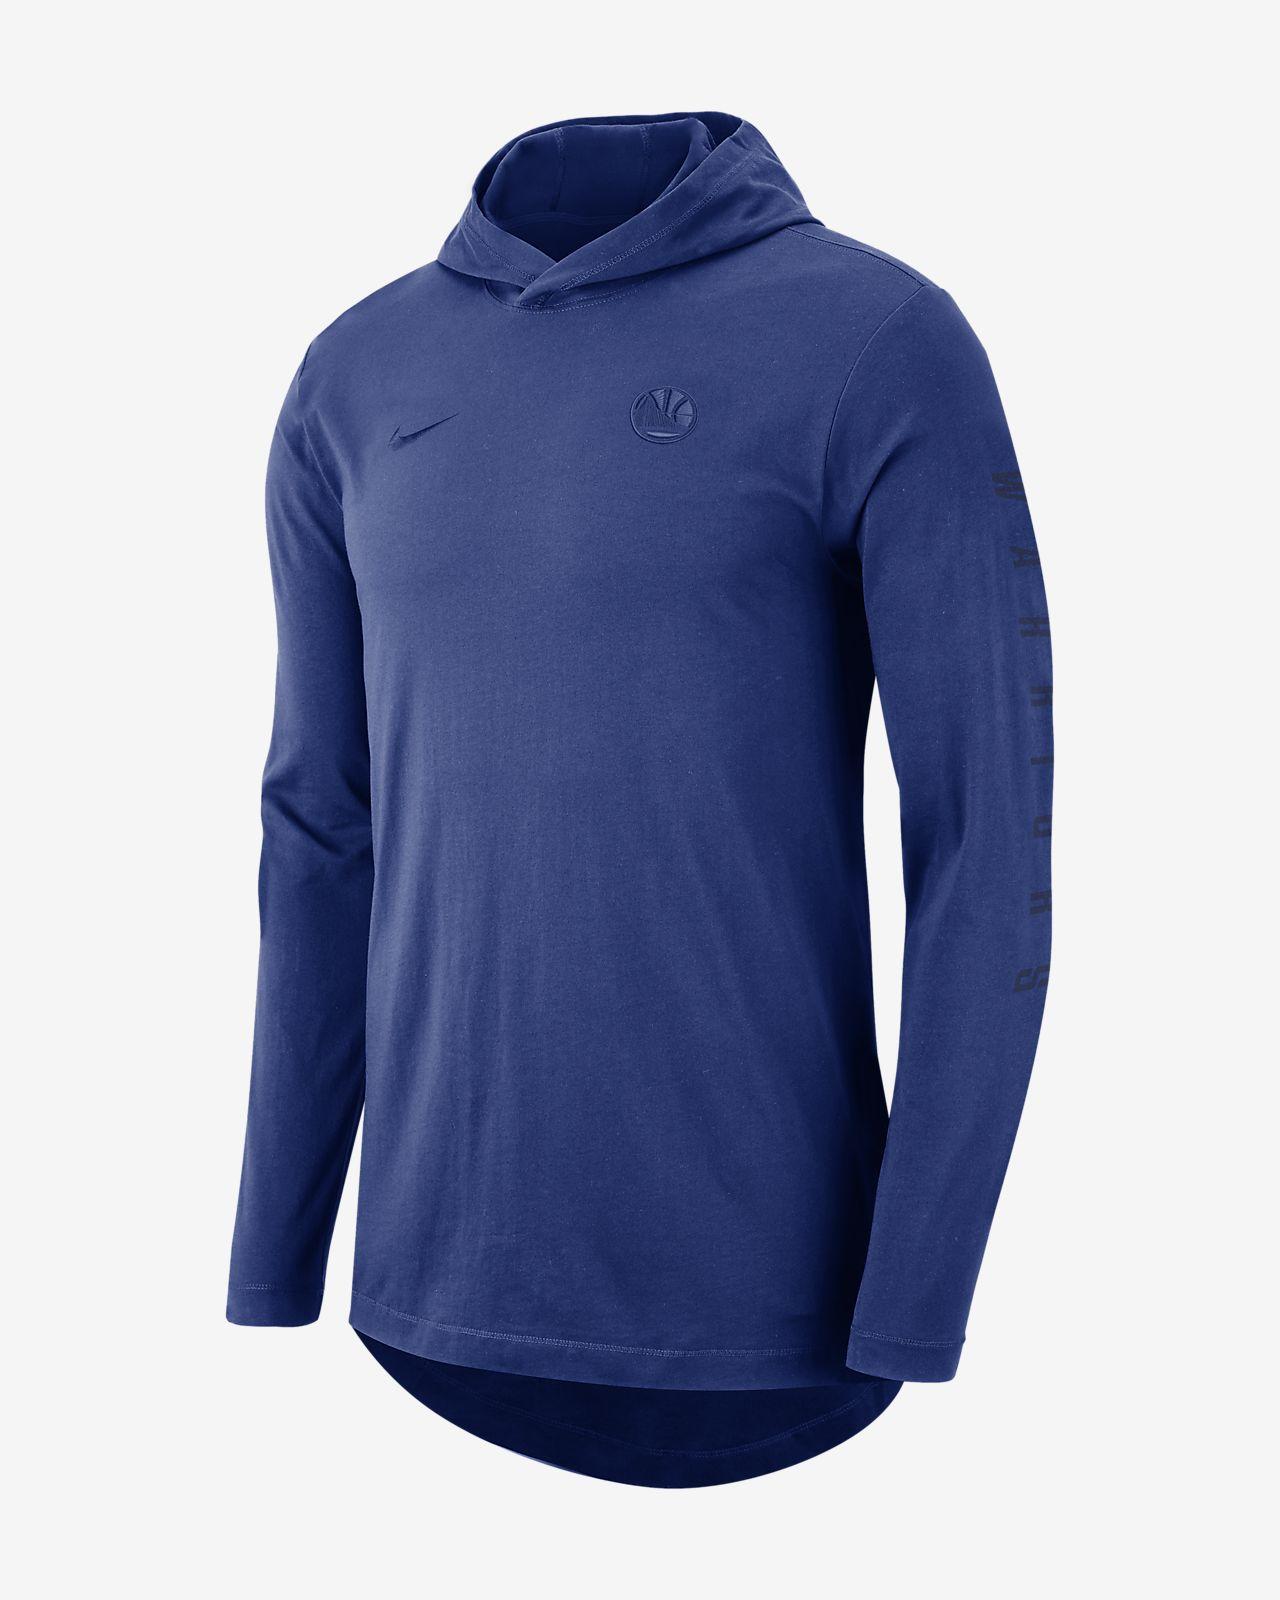 9ec414c70a7 Golden State Warriors Nike Men s Hooded Long-Sleeve NBA T-Shirt ...